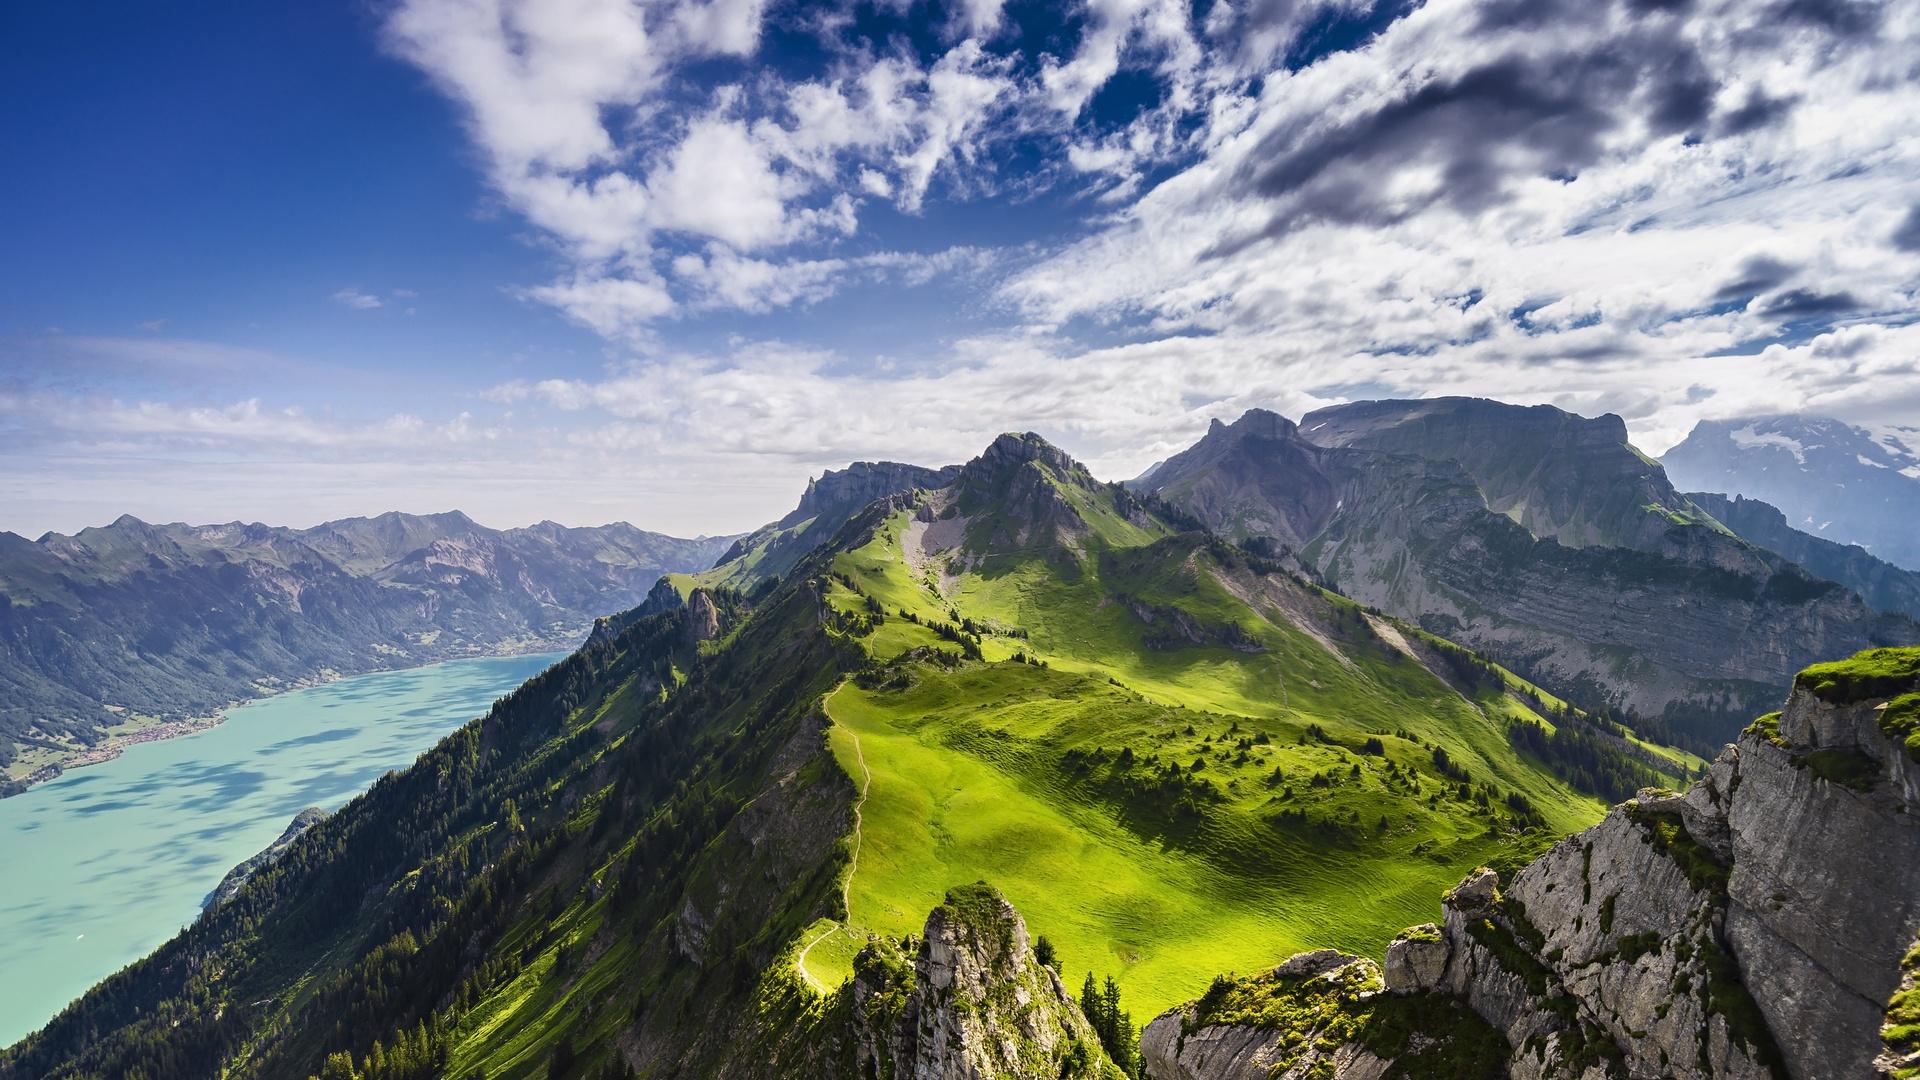 Schynige Platte to Faulhorn to First, Switzerland